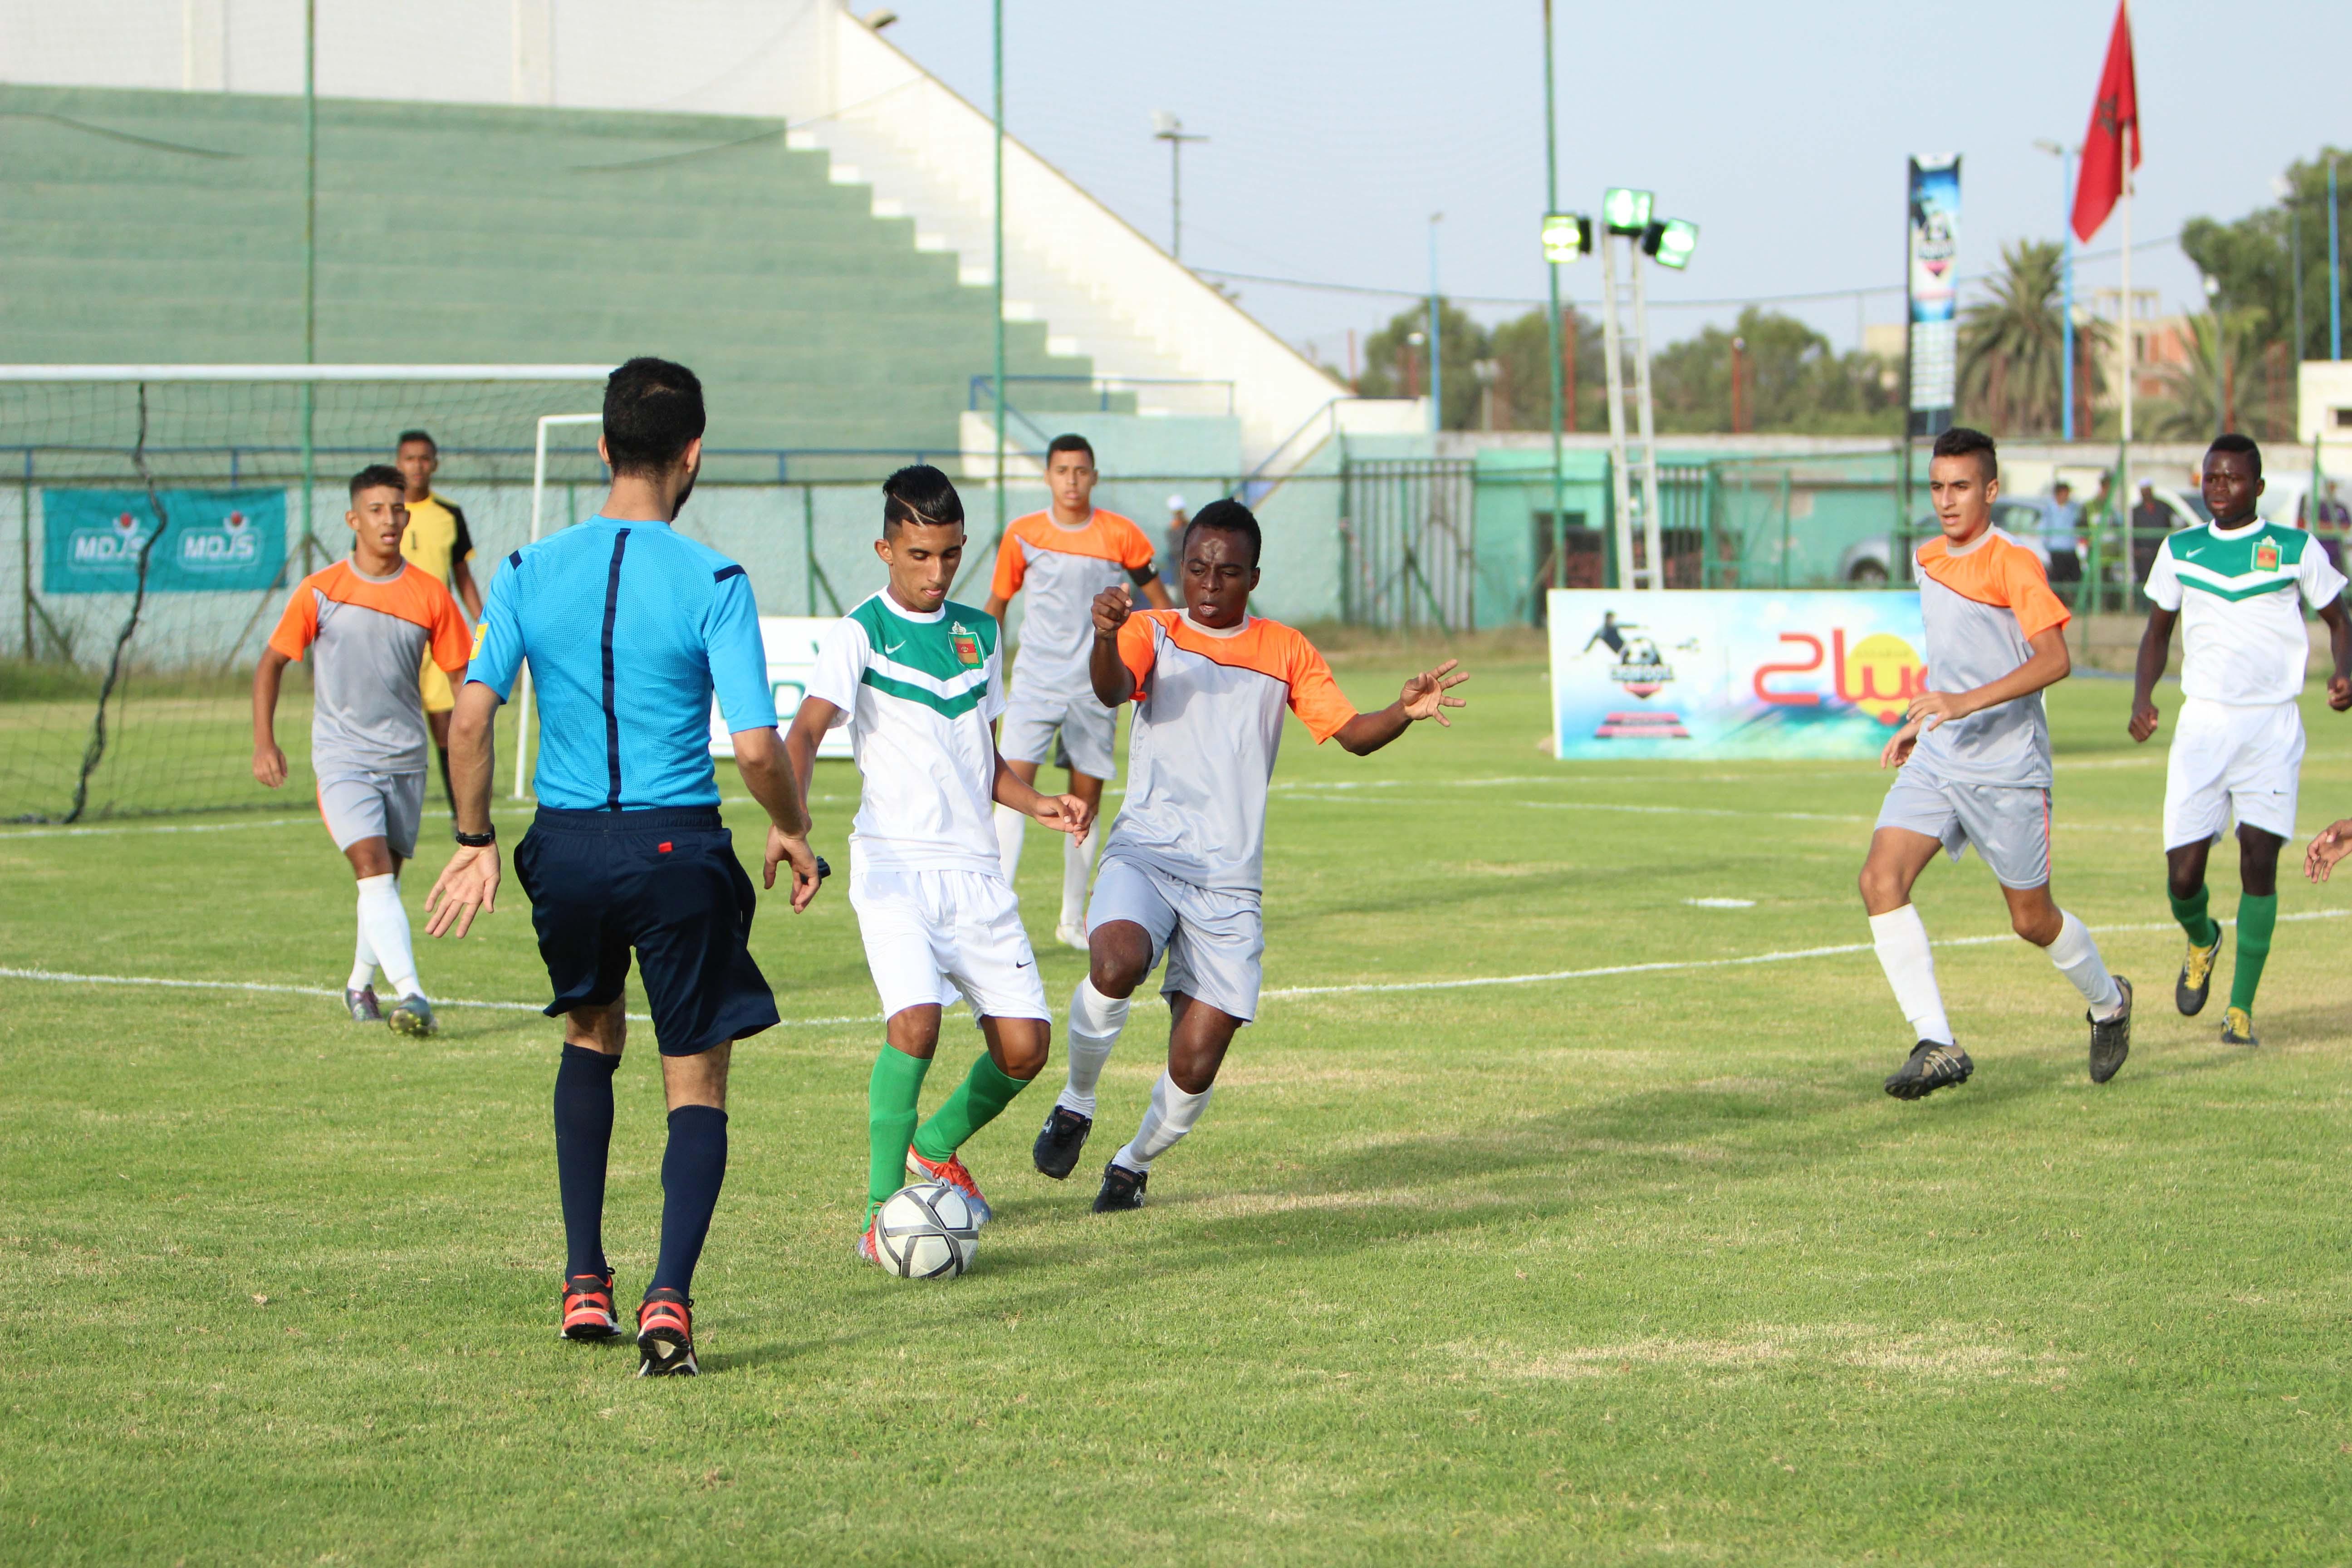 En remportant la finale de la Casa Foot Cup 2016, l'arrondissement Hay Hassani s'adjuge le titre de champion casablancais